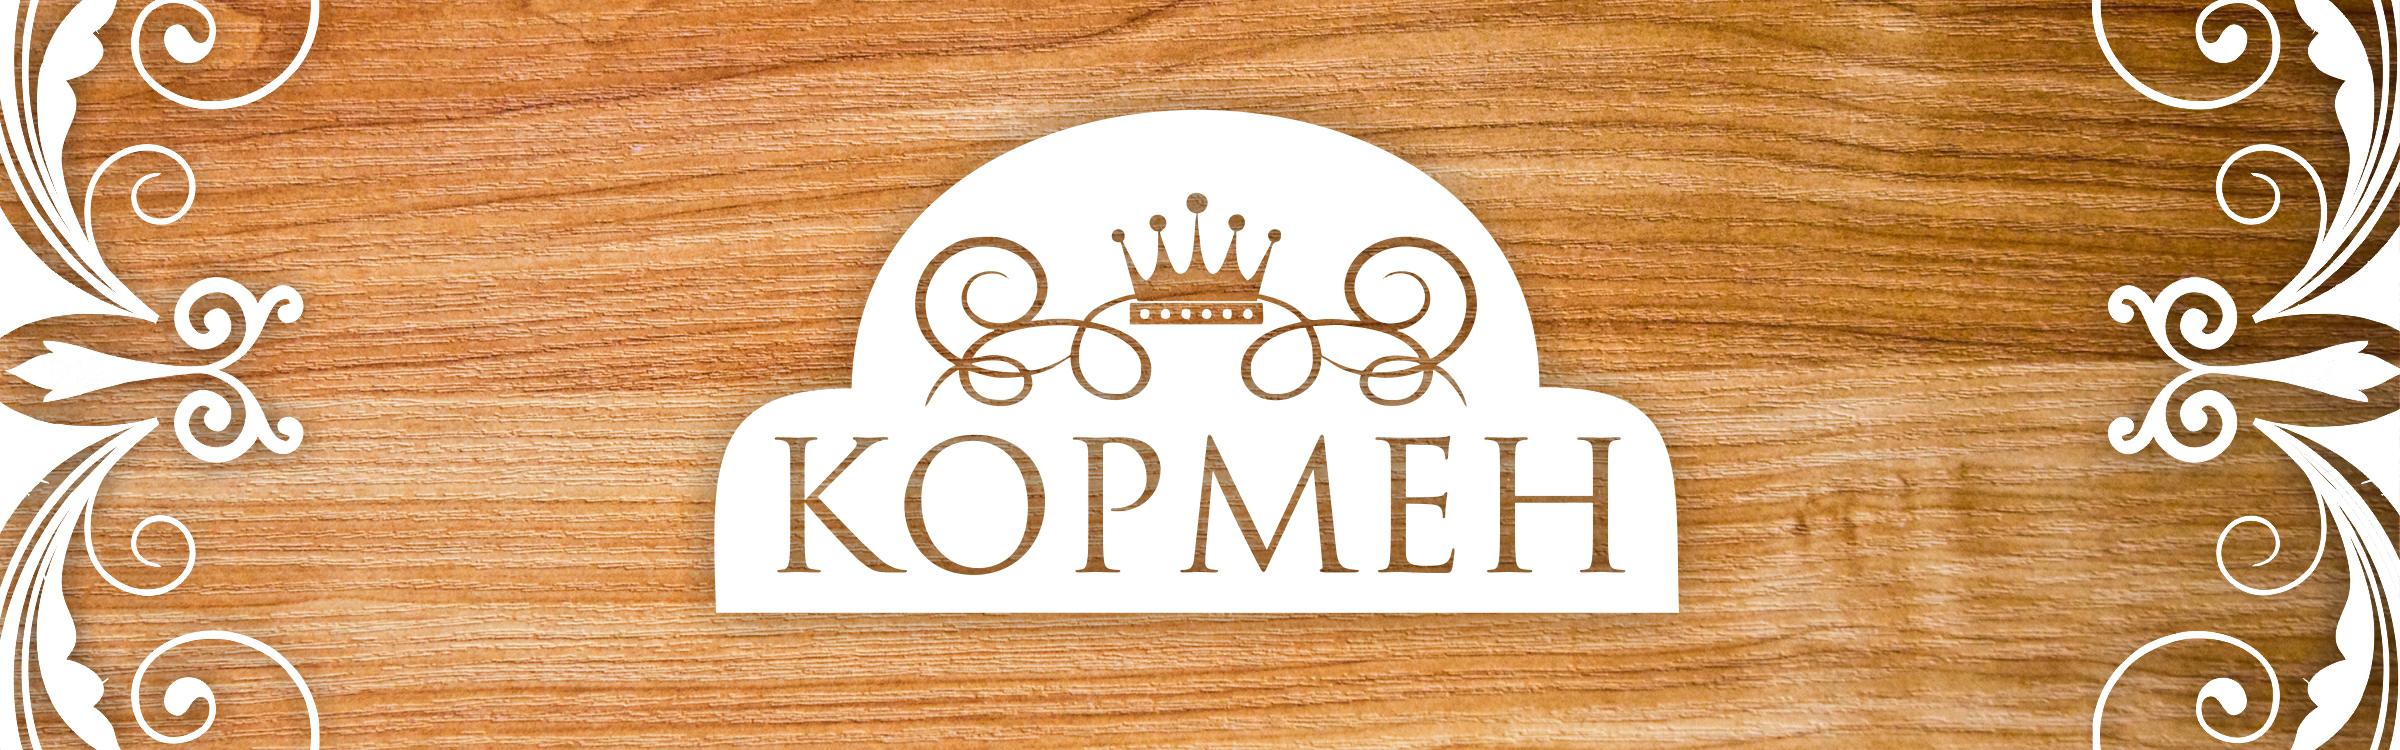 Мебельная компания 'Кормен - Мебельная компания' в Смоленске. Главная страница